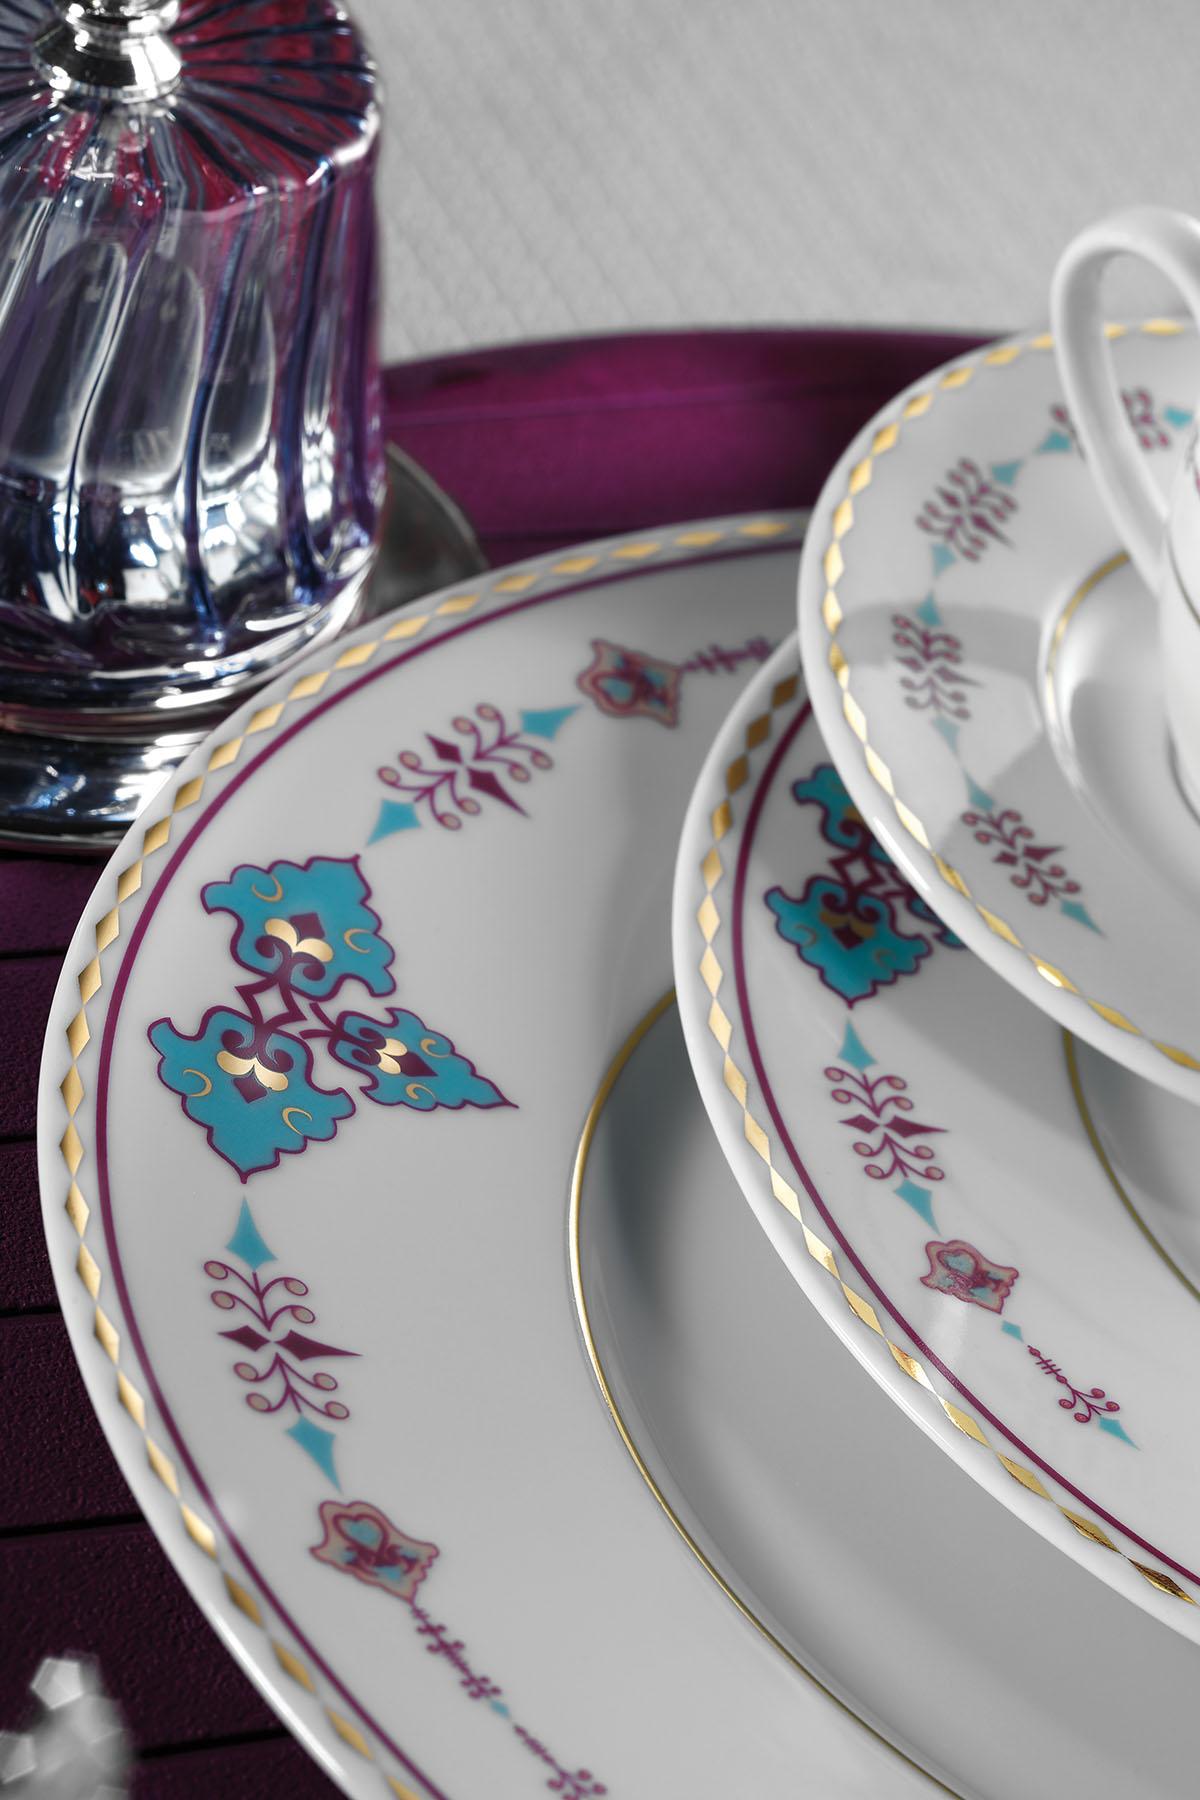 Kütahya Porselen 83 Parça 9297 Desenli Yemek Takımı